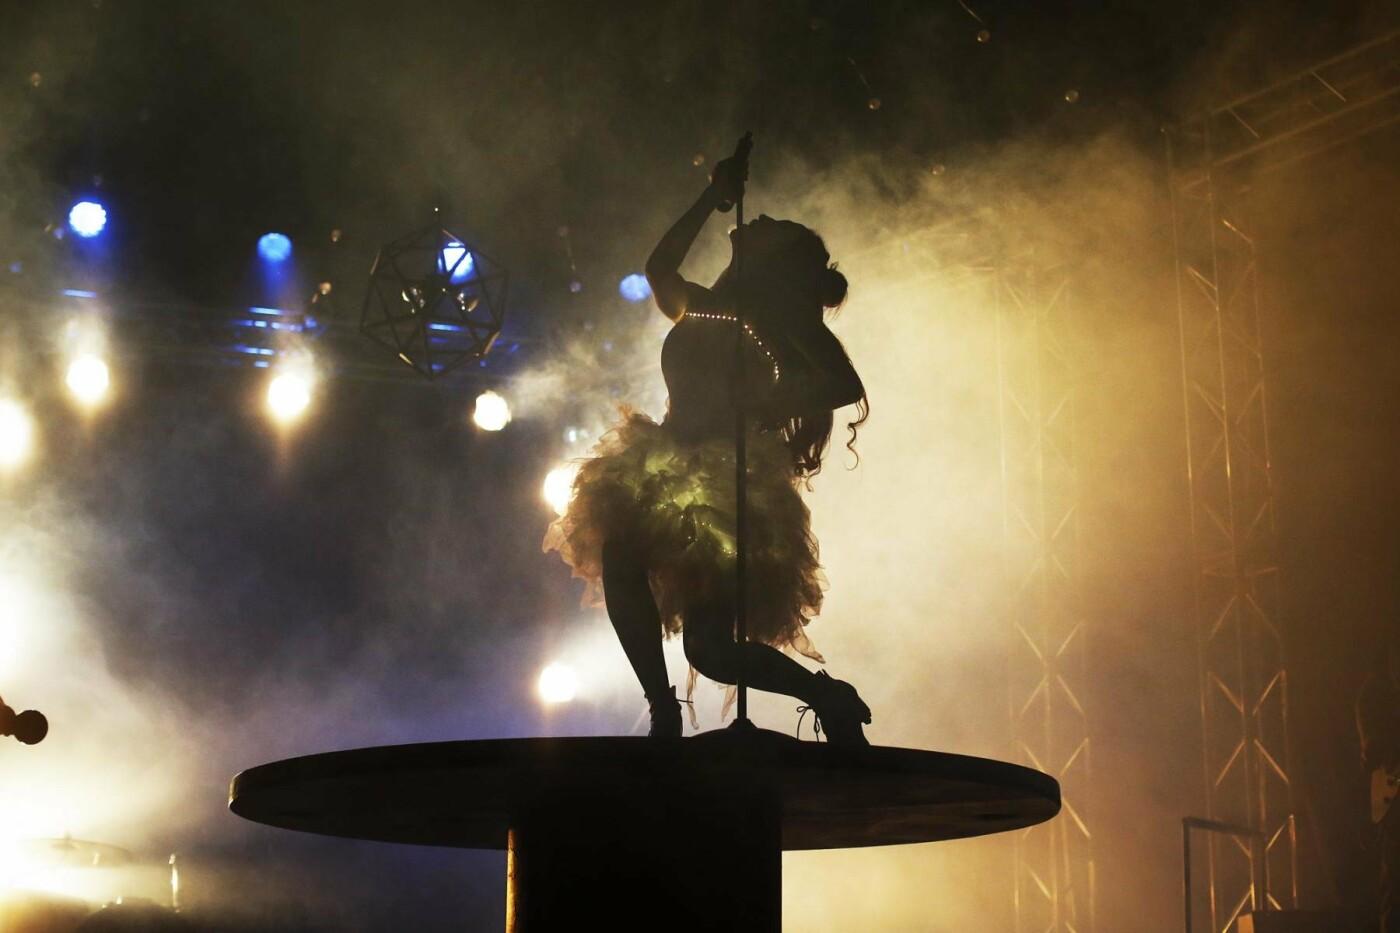 Псковичей приглашают присоединиться к празднованию Всемирного дня театра, фото-1